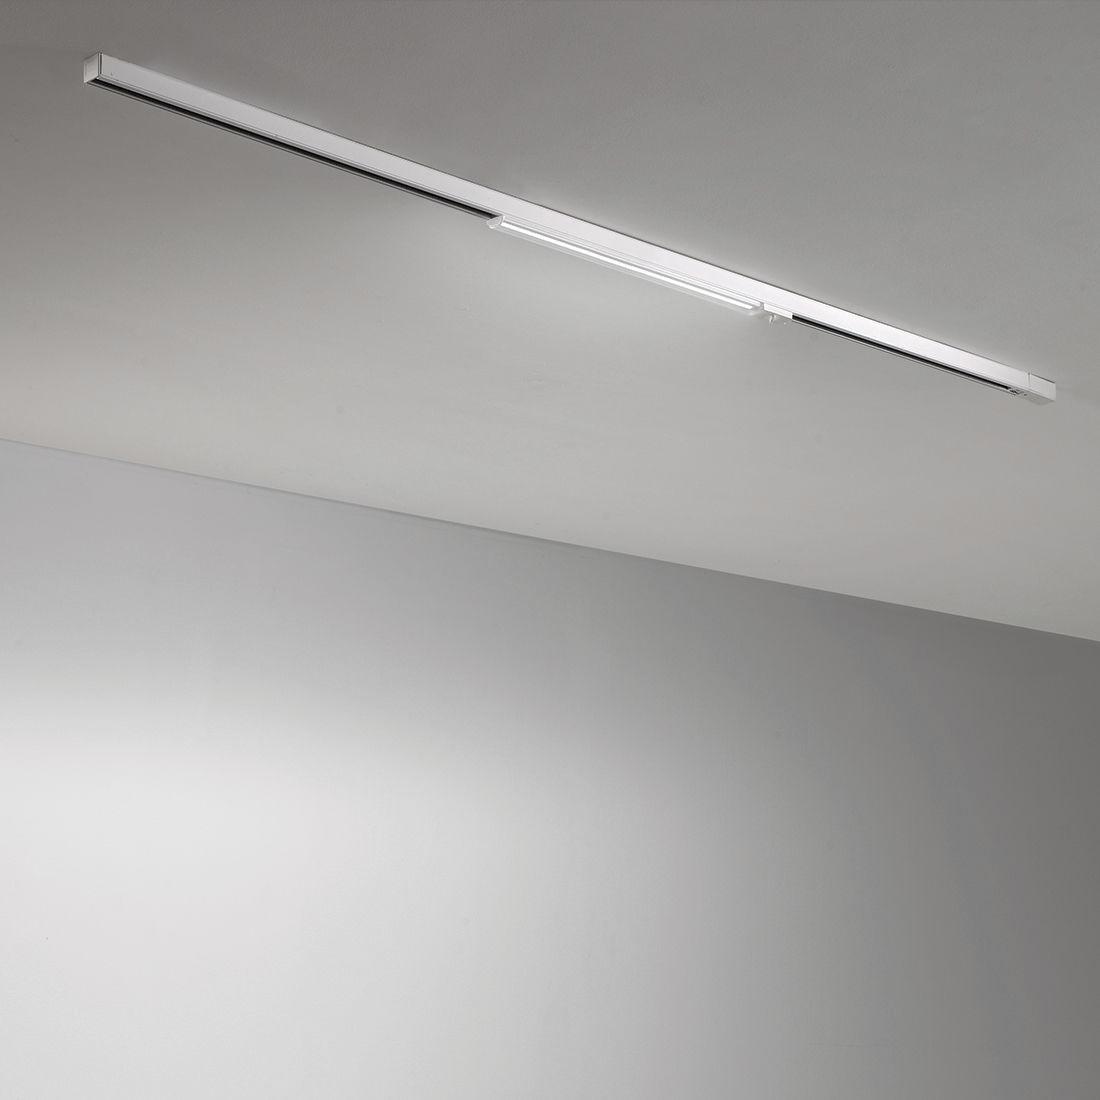 127025 9784310 Résultat Supérieur 15 Inspirant Luminaire Plafond Suspendu Photos 2017 Xzw1